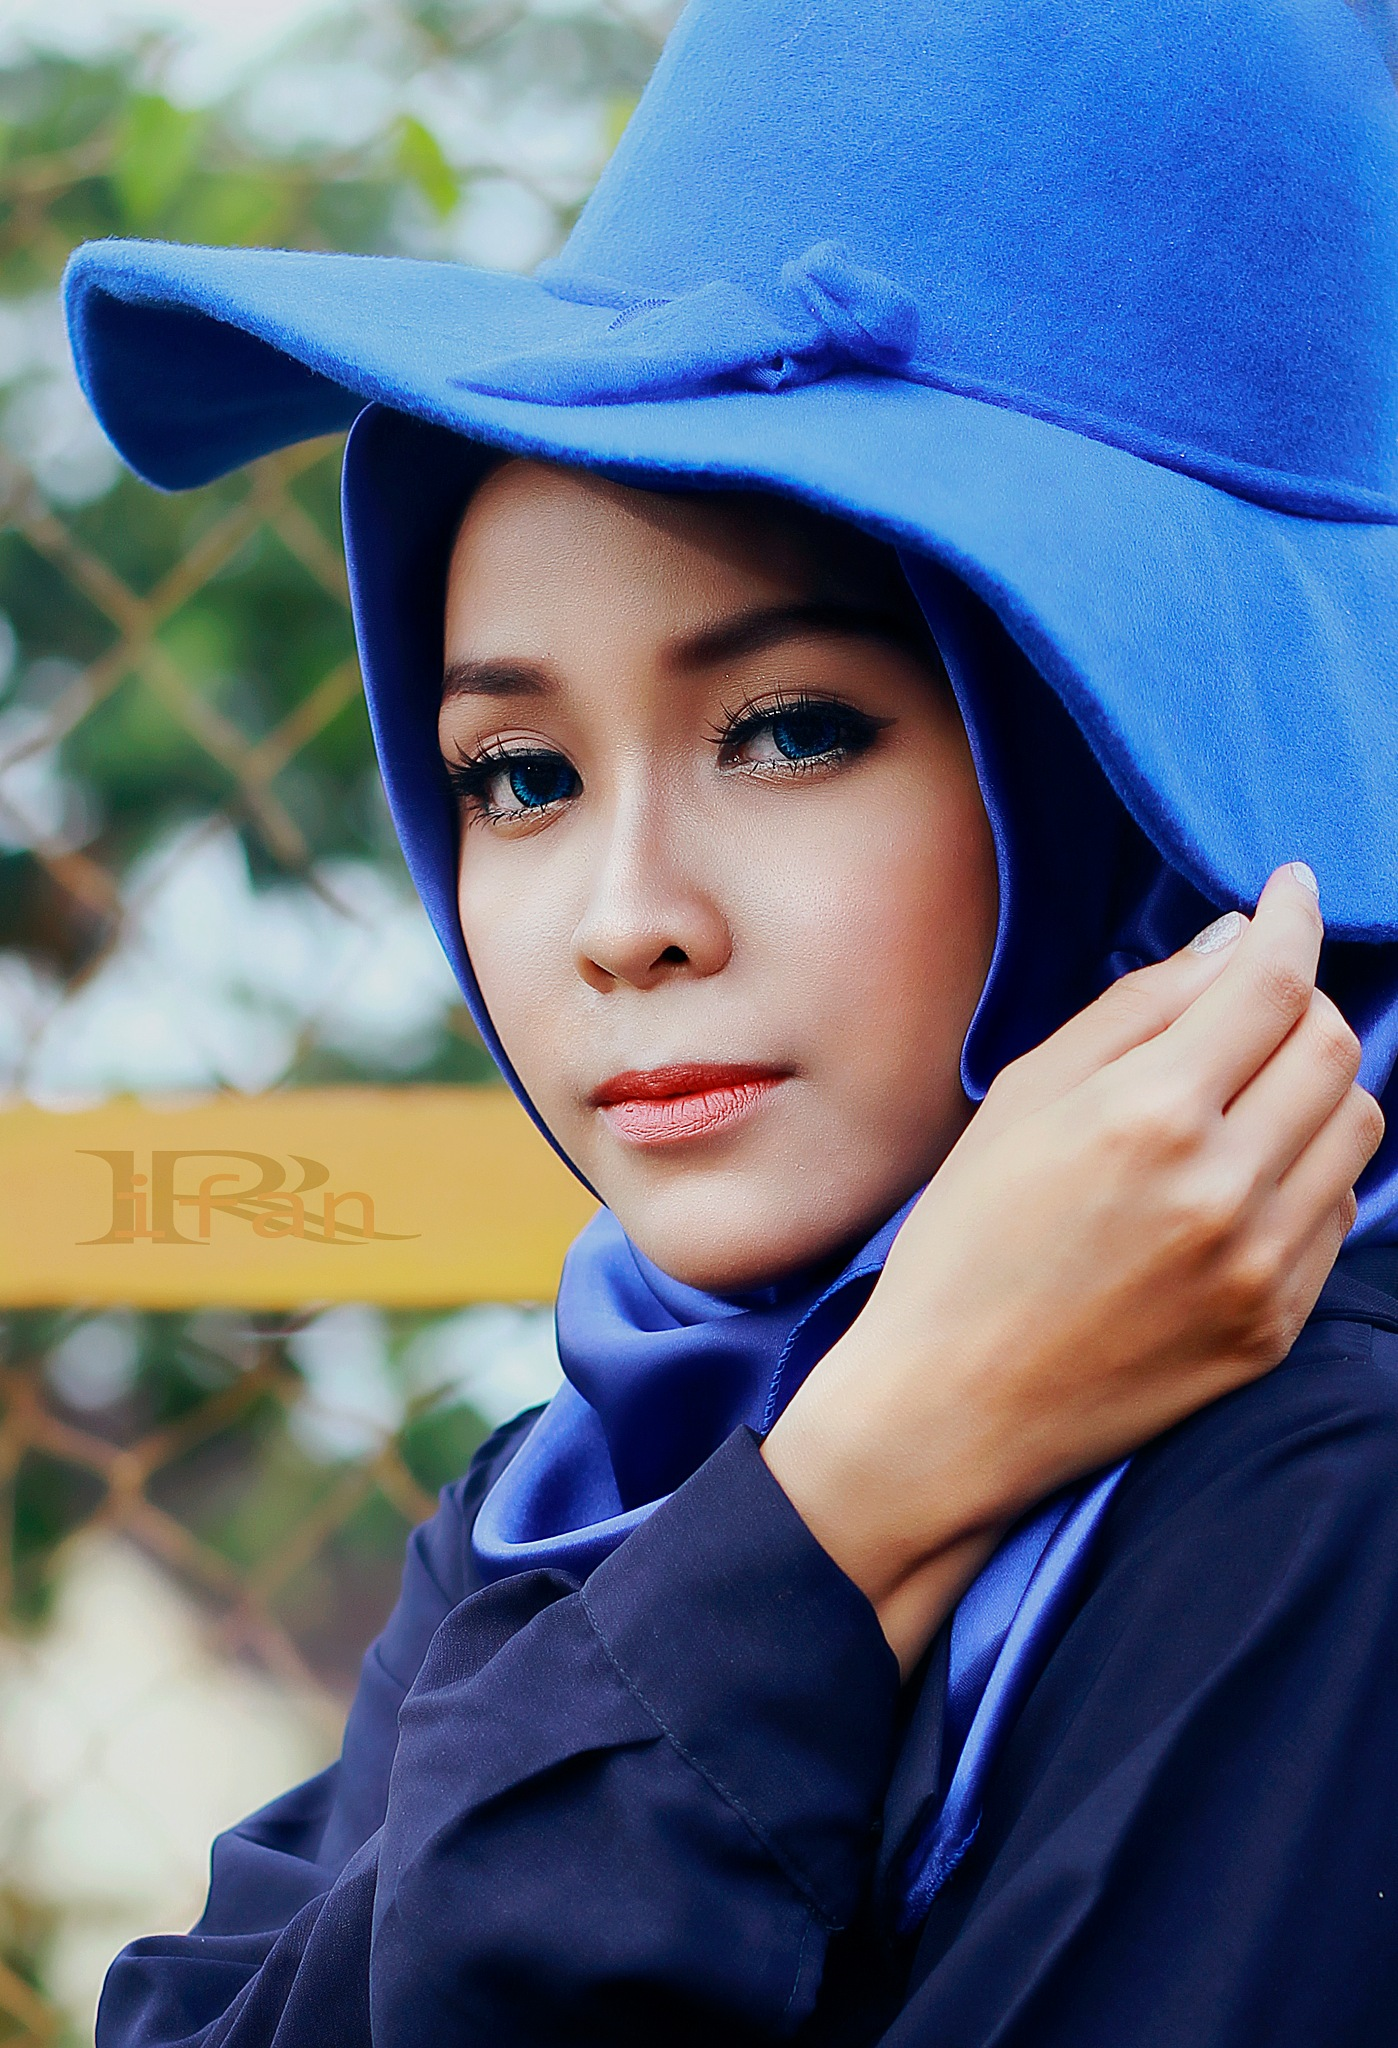 Blue by Rifan